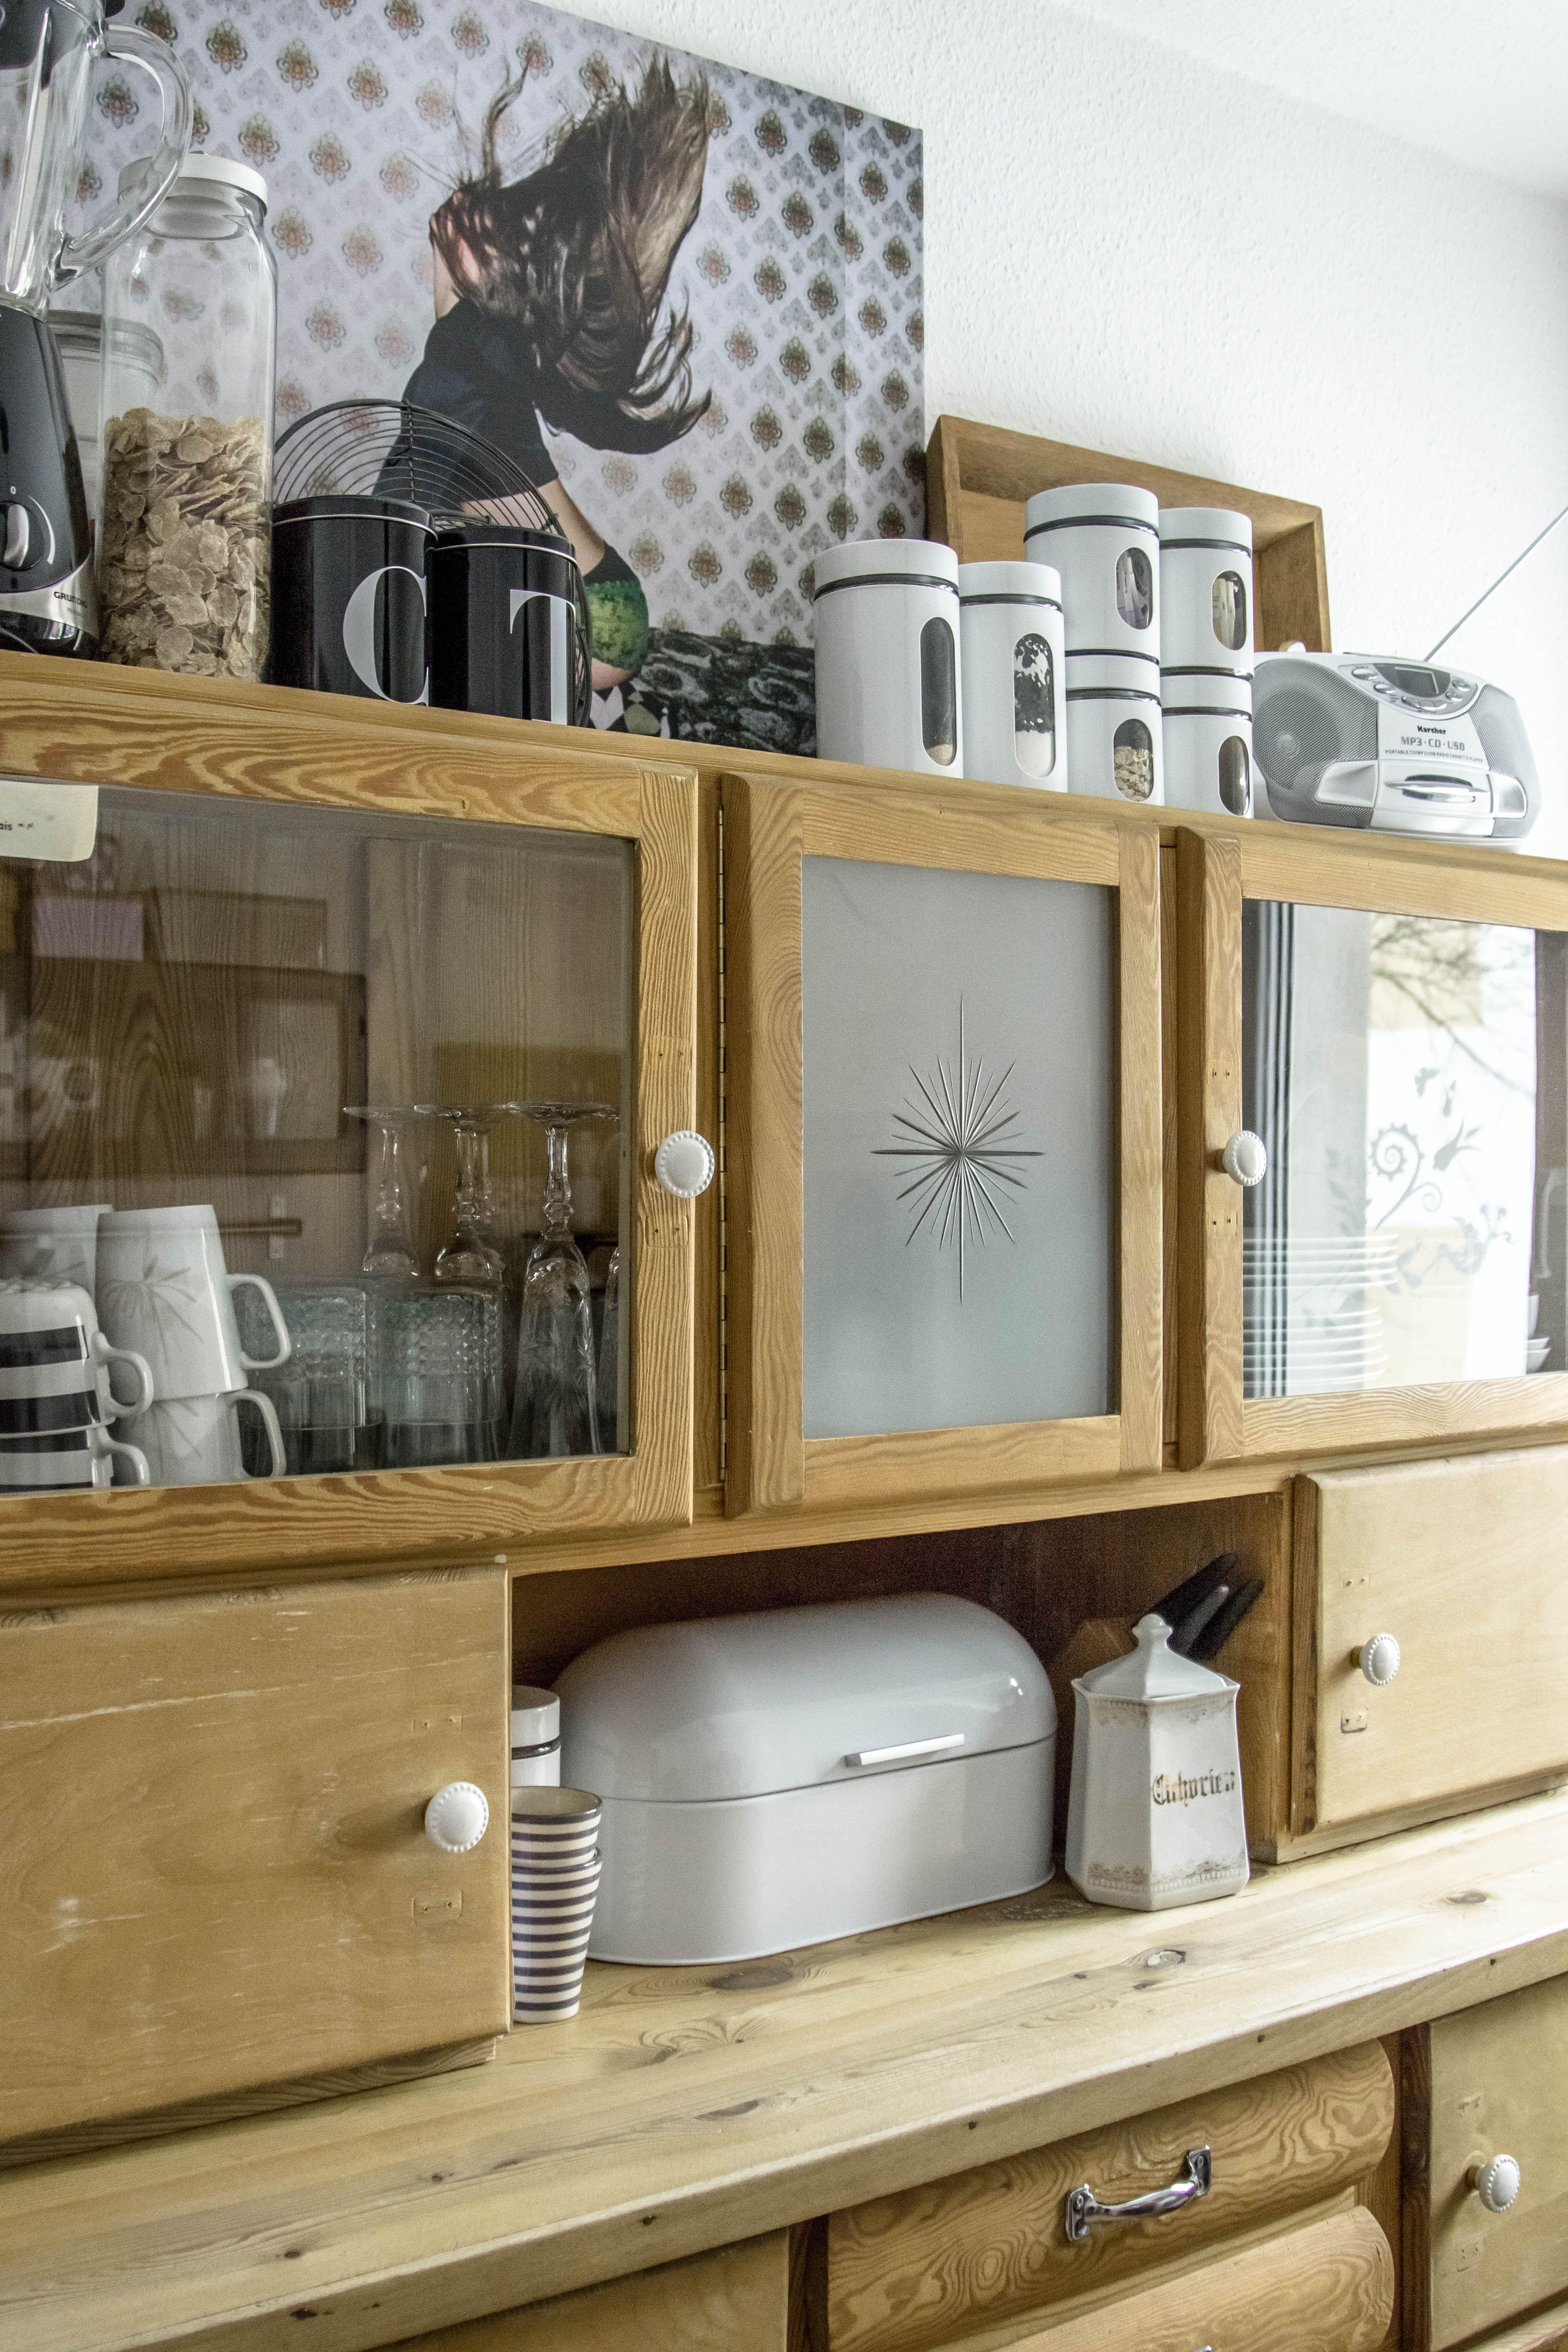 Winterbild In 2020 Deko Tisch Kuchendekoration Und Vintage Wohnzimmer